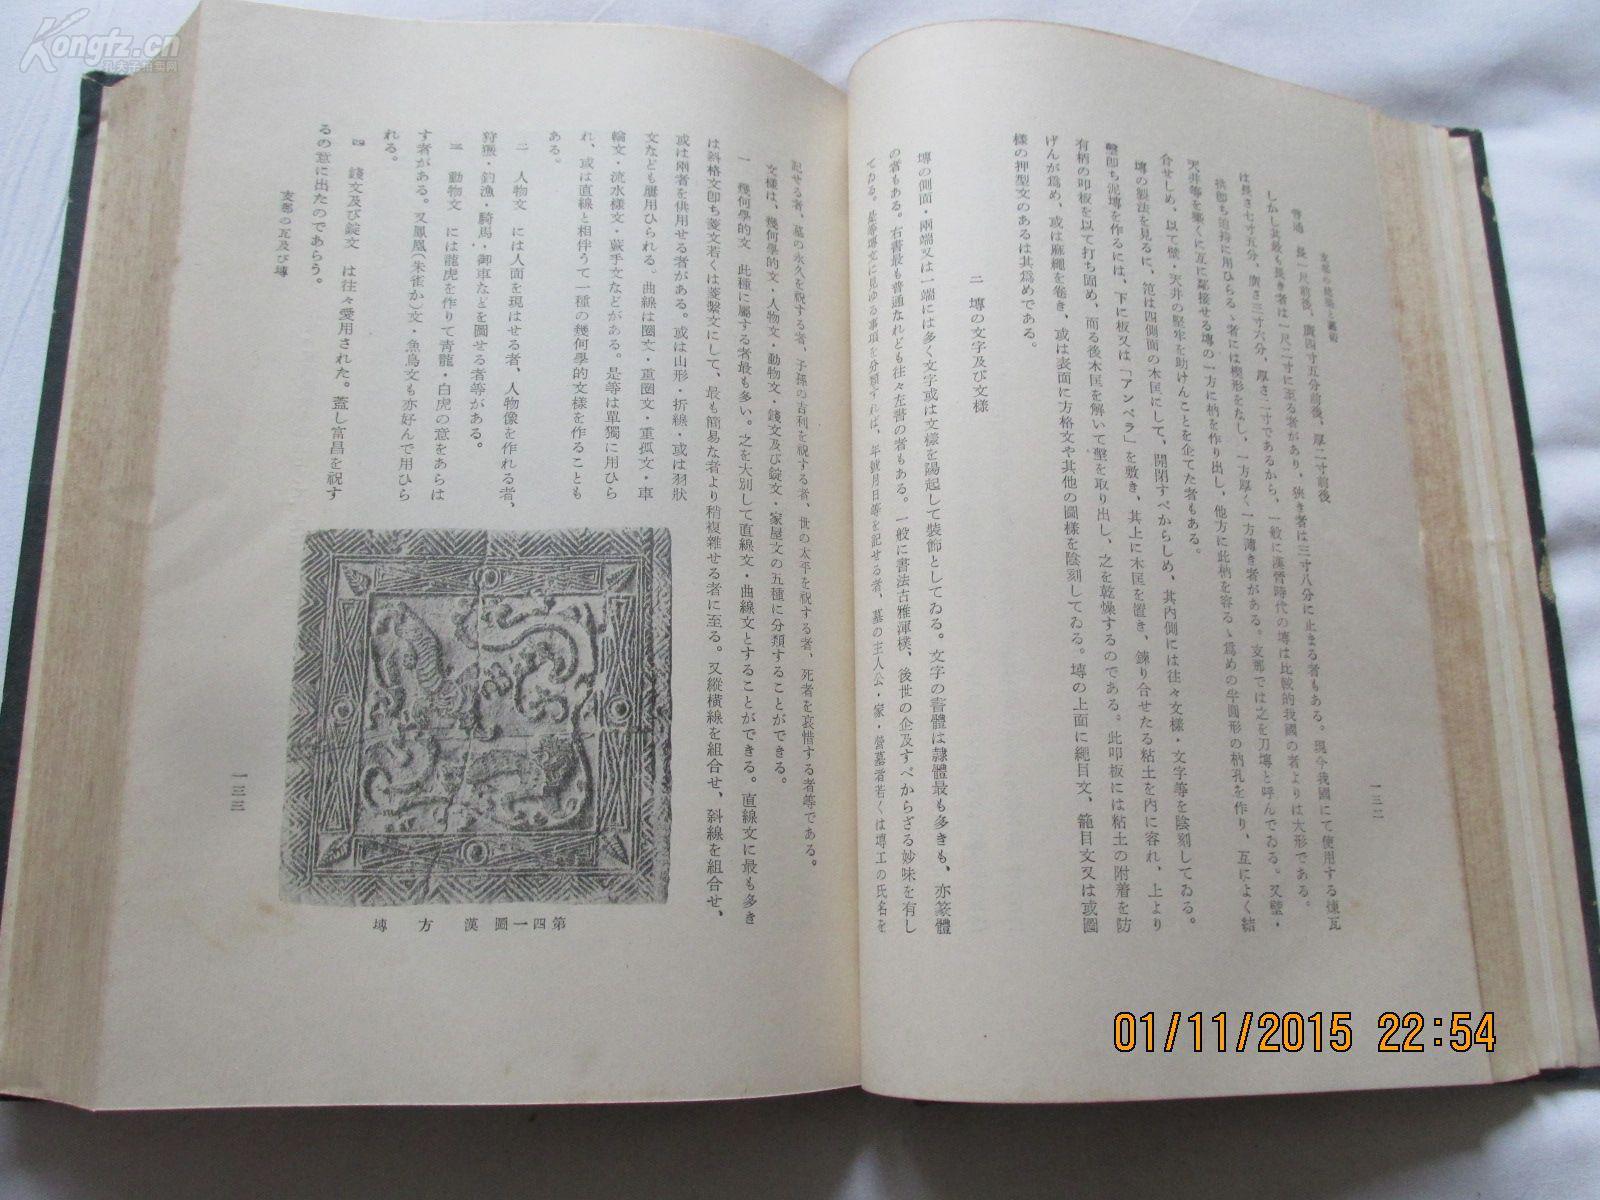 《性质的建筑和用地》一巨厚册800多页景观设计说明周围支那艺术图片